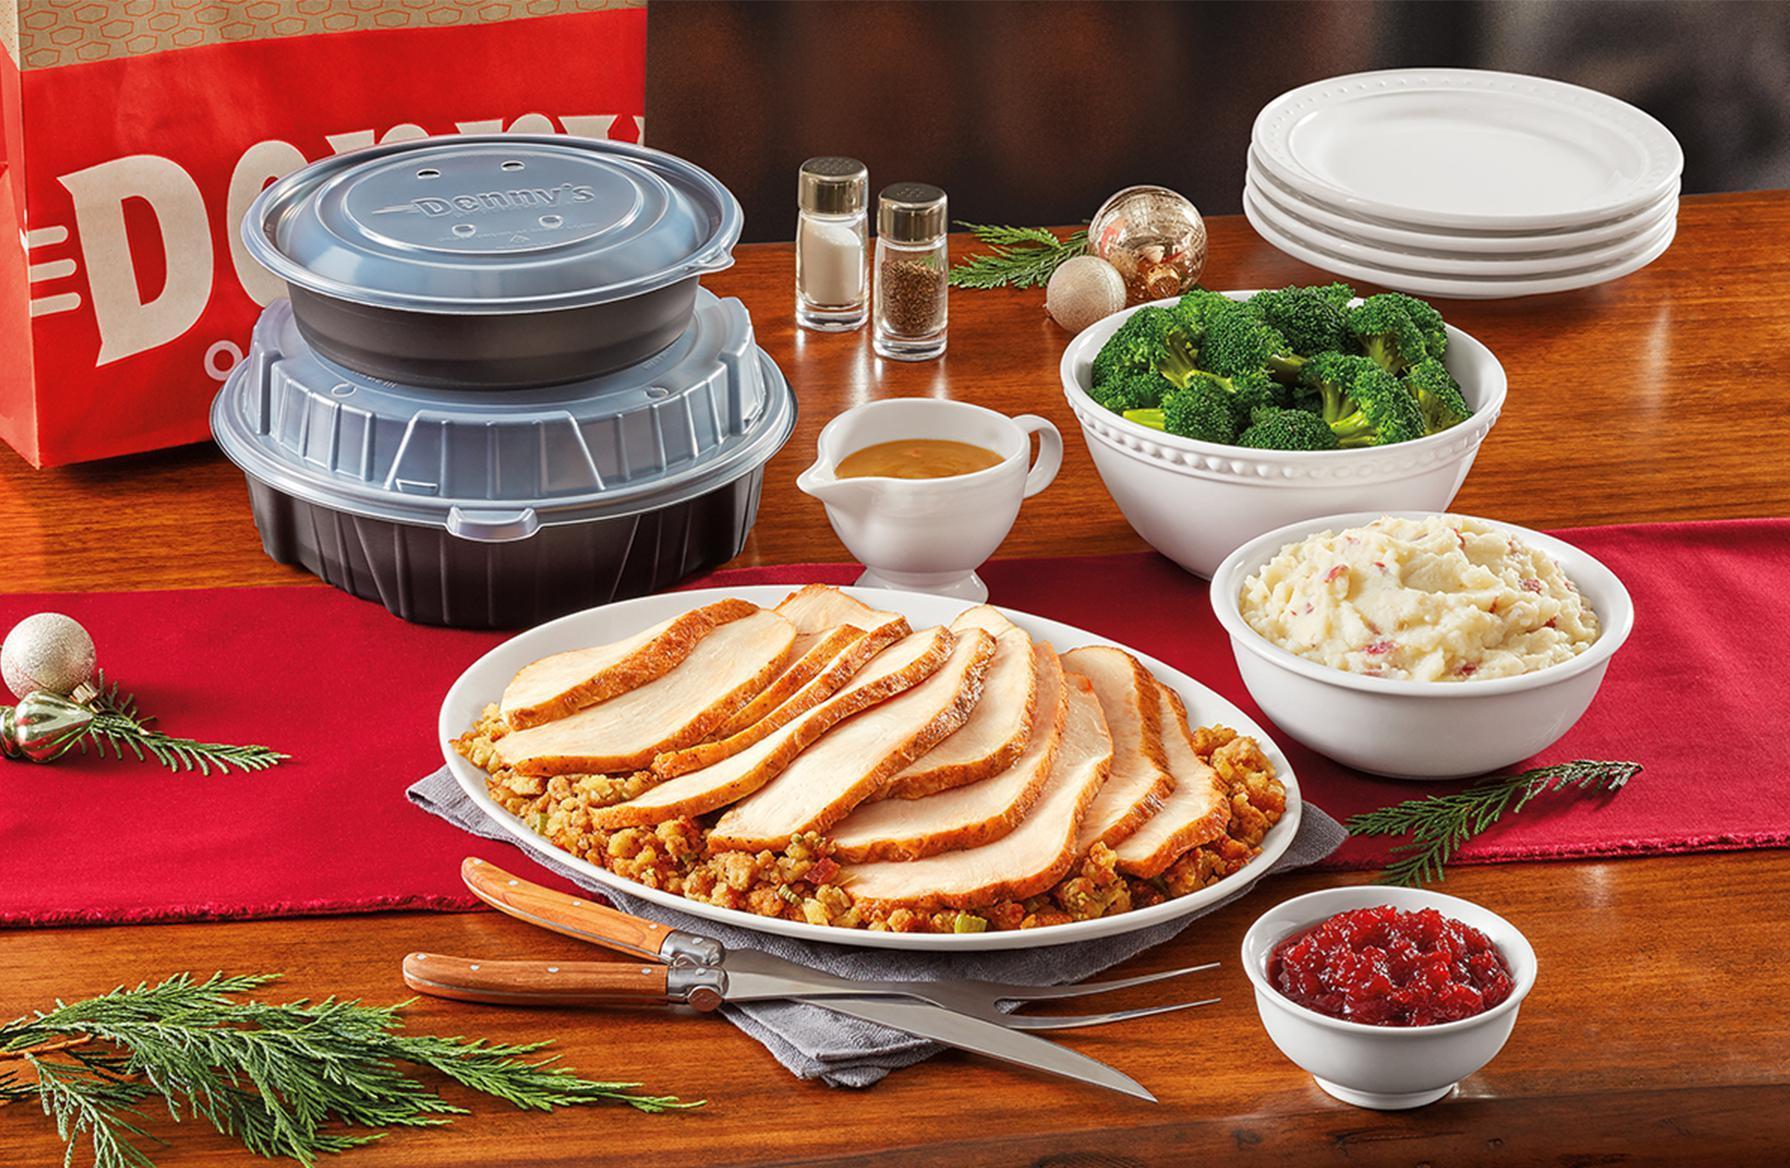 Restaurants Serving Thanksgiving Dinner  19 Chain Restaurants Serving Thanksgiving Dinner Gallery